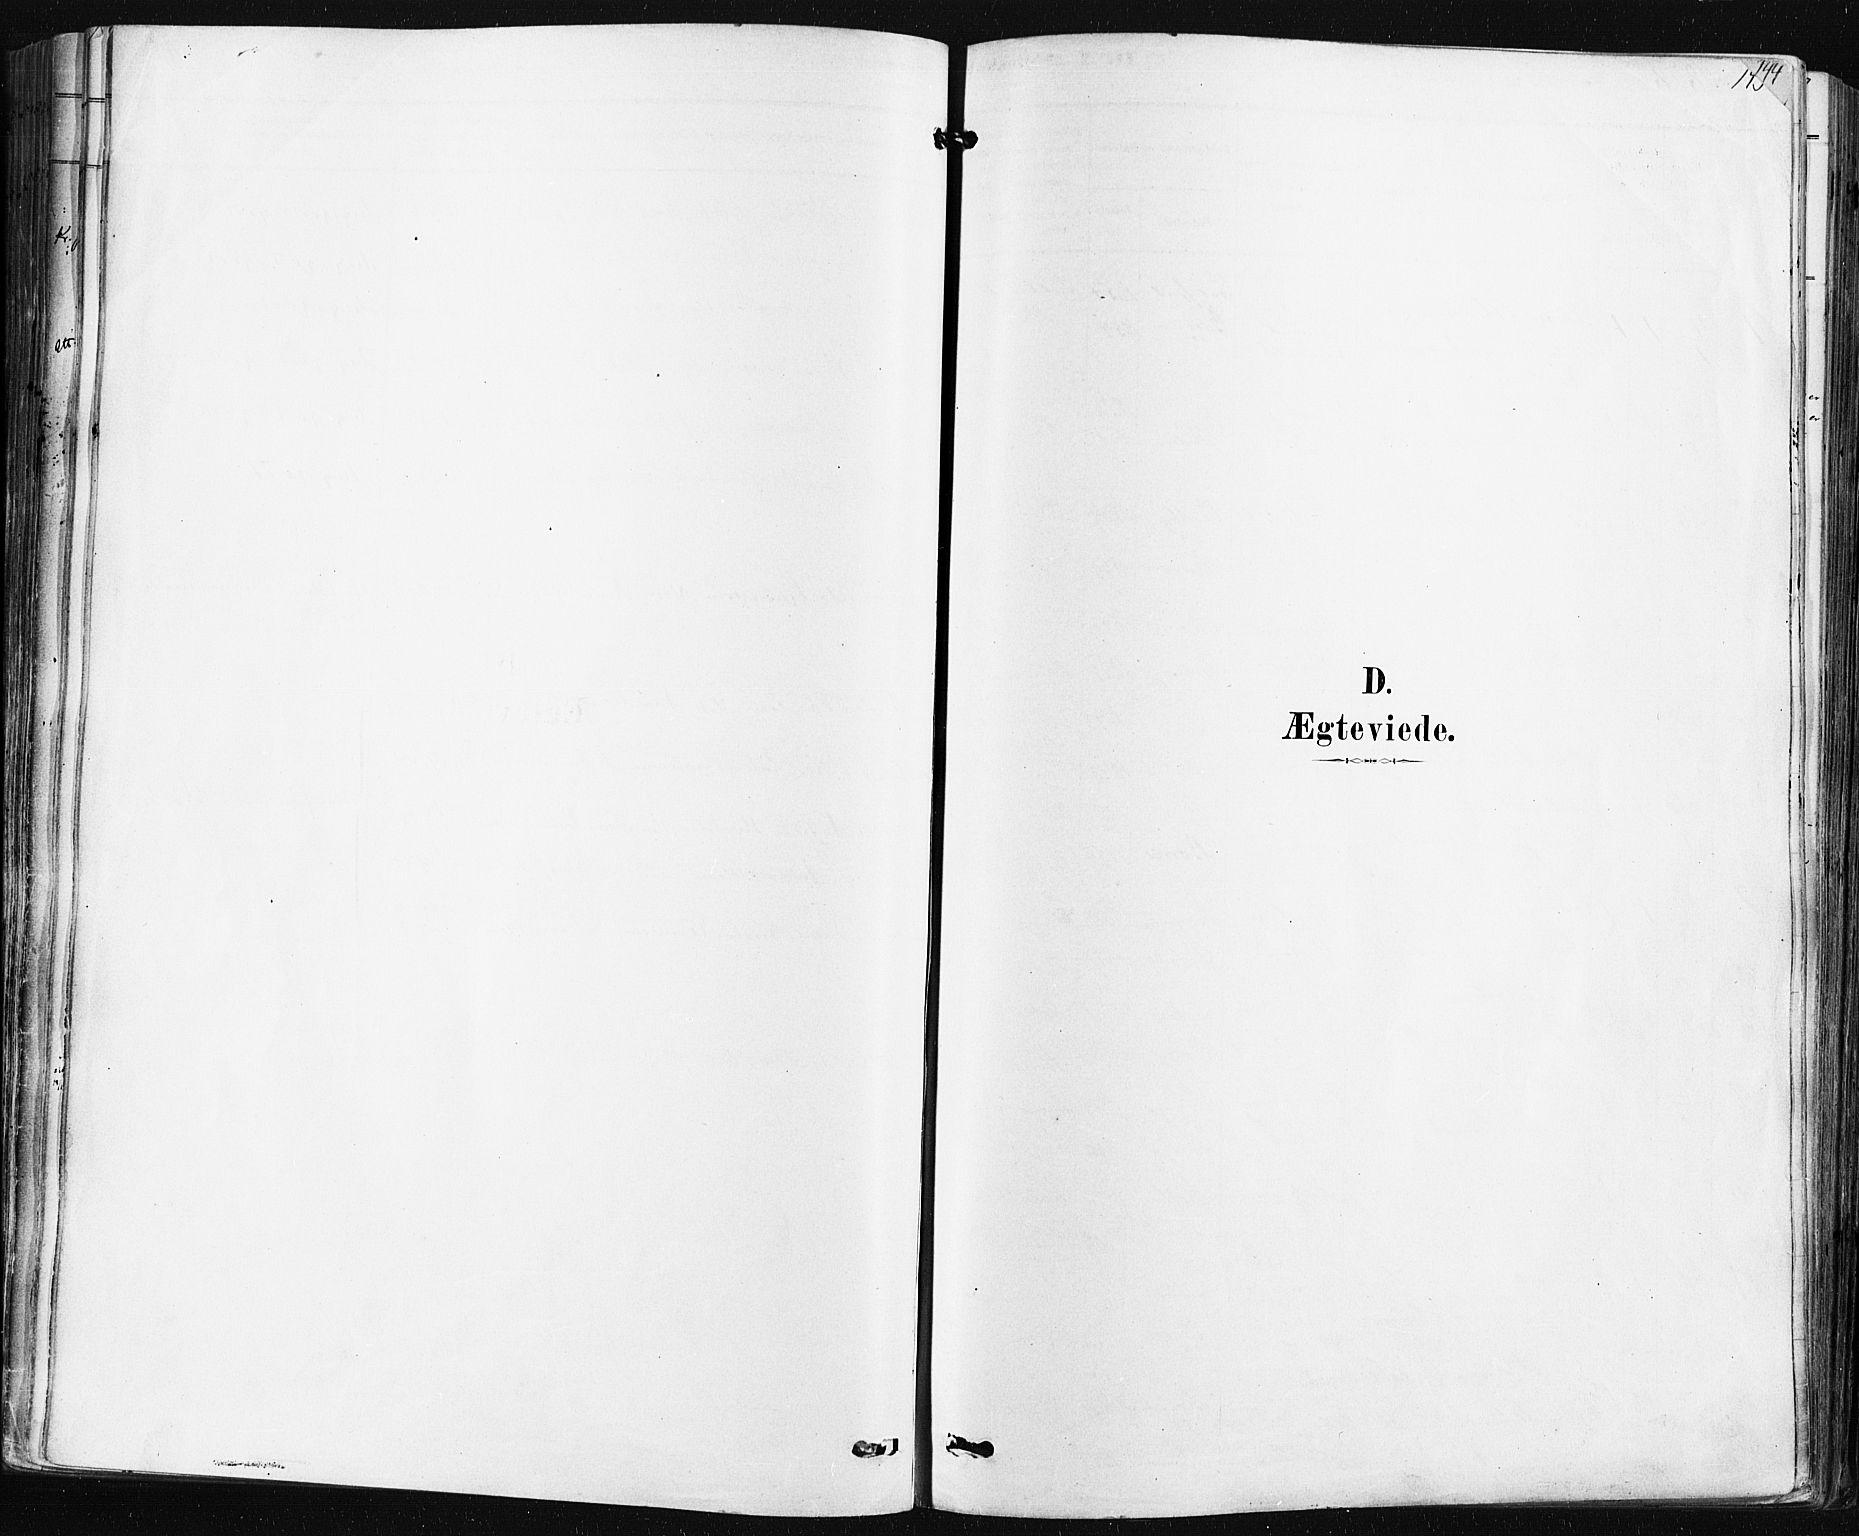 SAKO, Borre kirkebøker, F/Fa/L0009: Ministerialbok nr. I 9, 1878-1896, s. 143